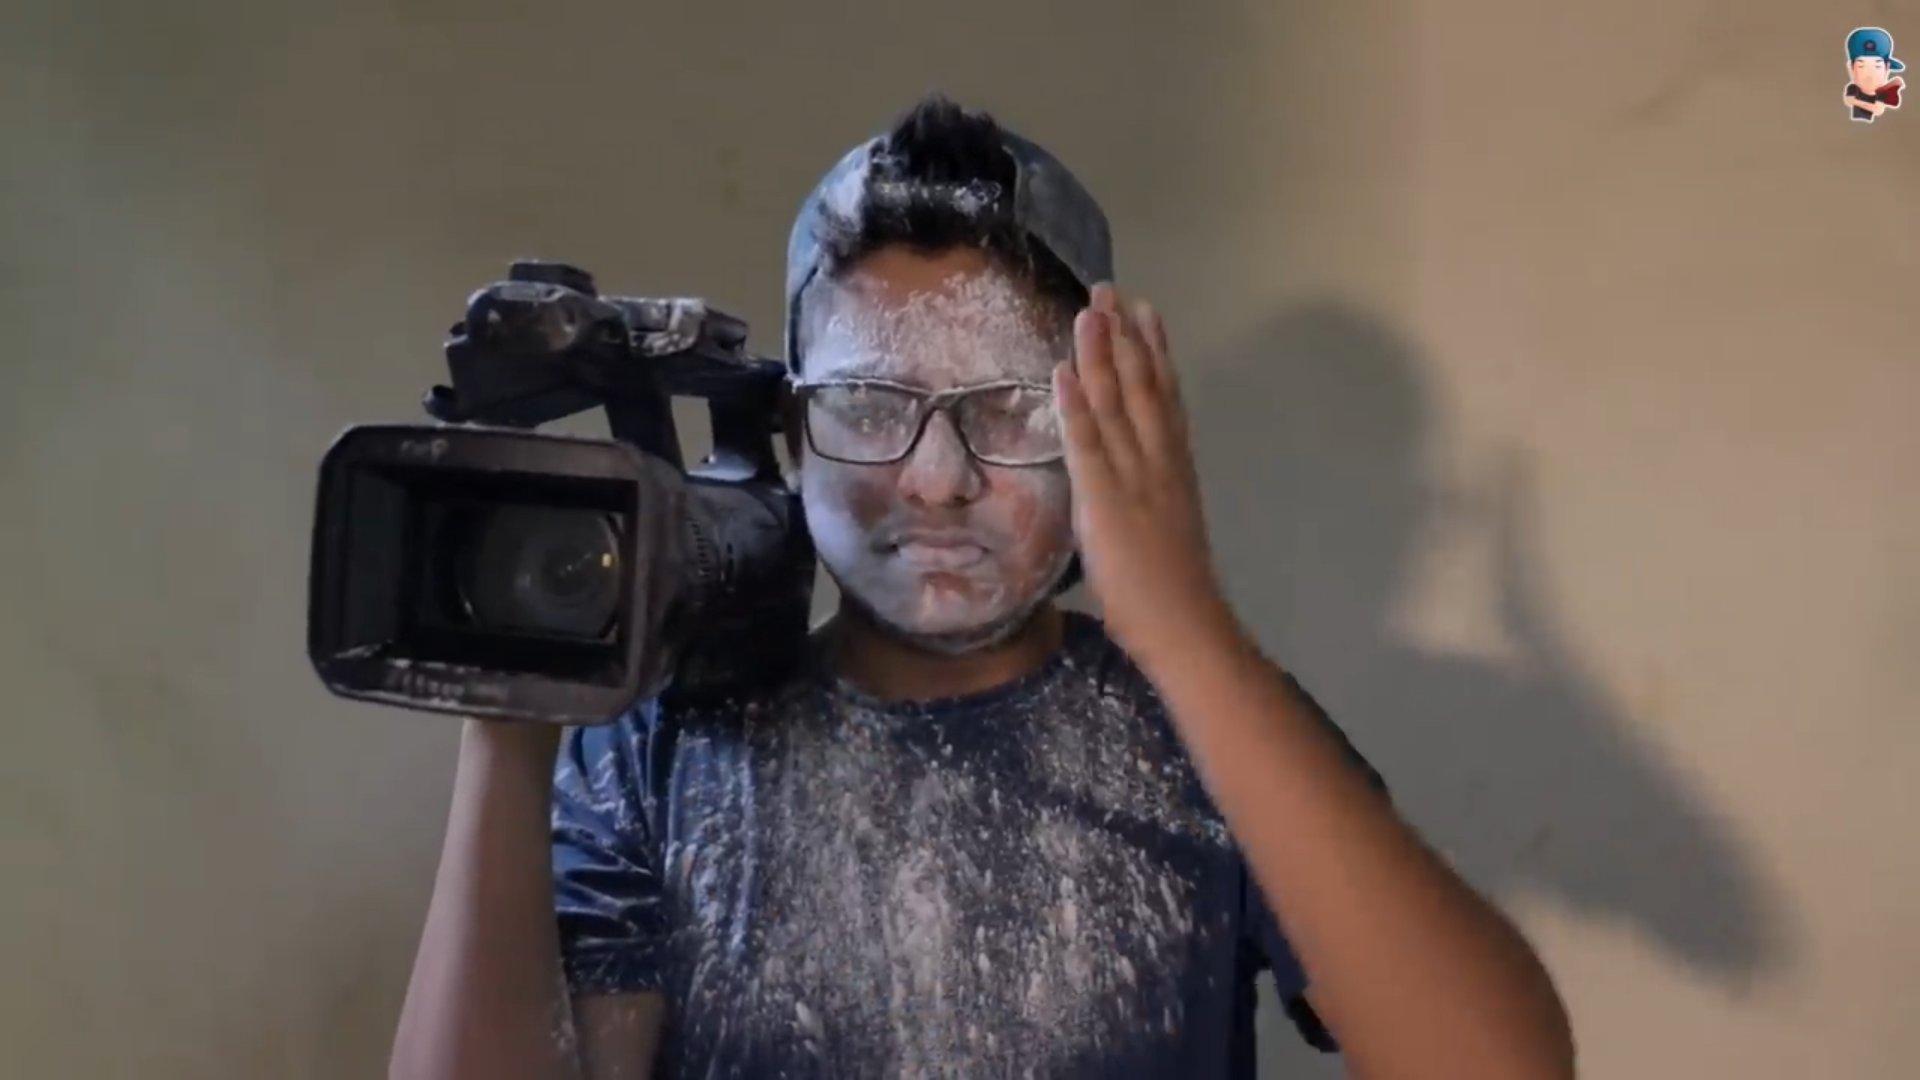 powder on camera man face harsh beniwal meme template